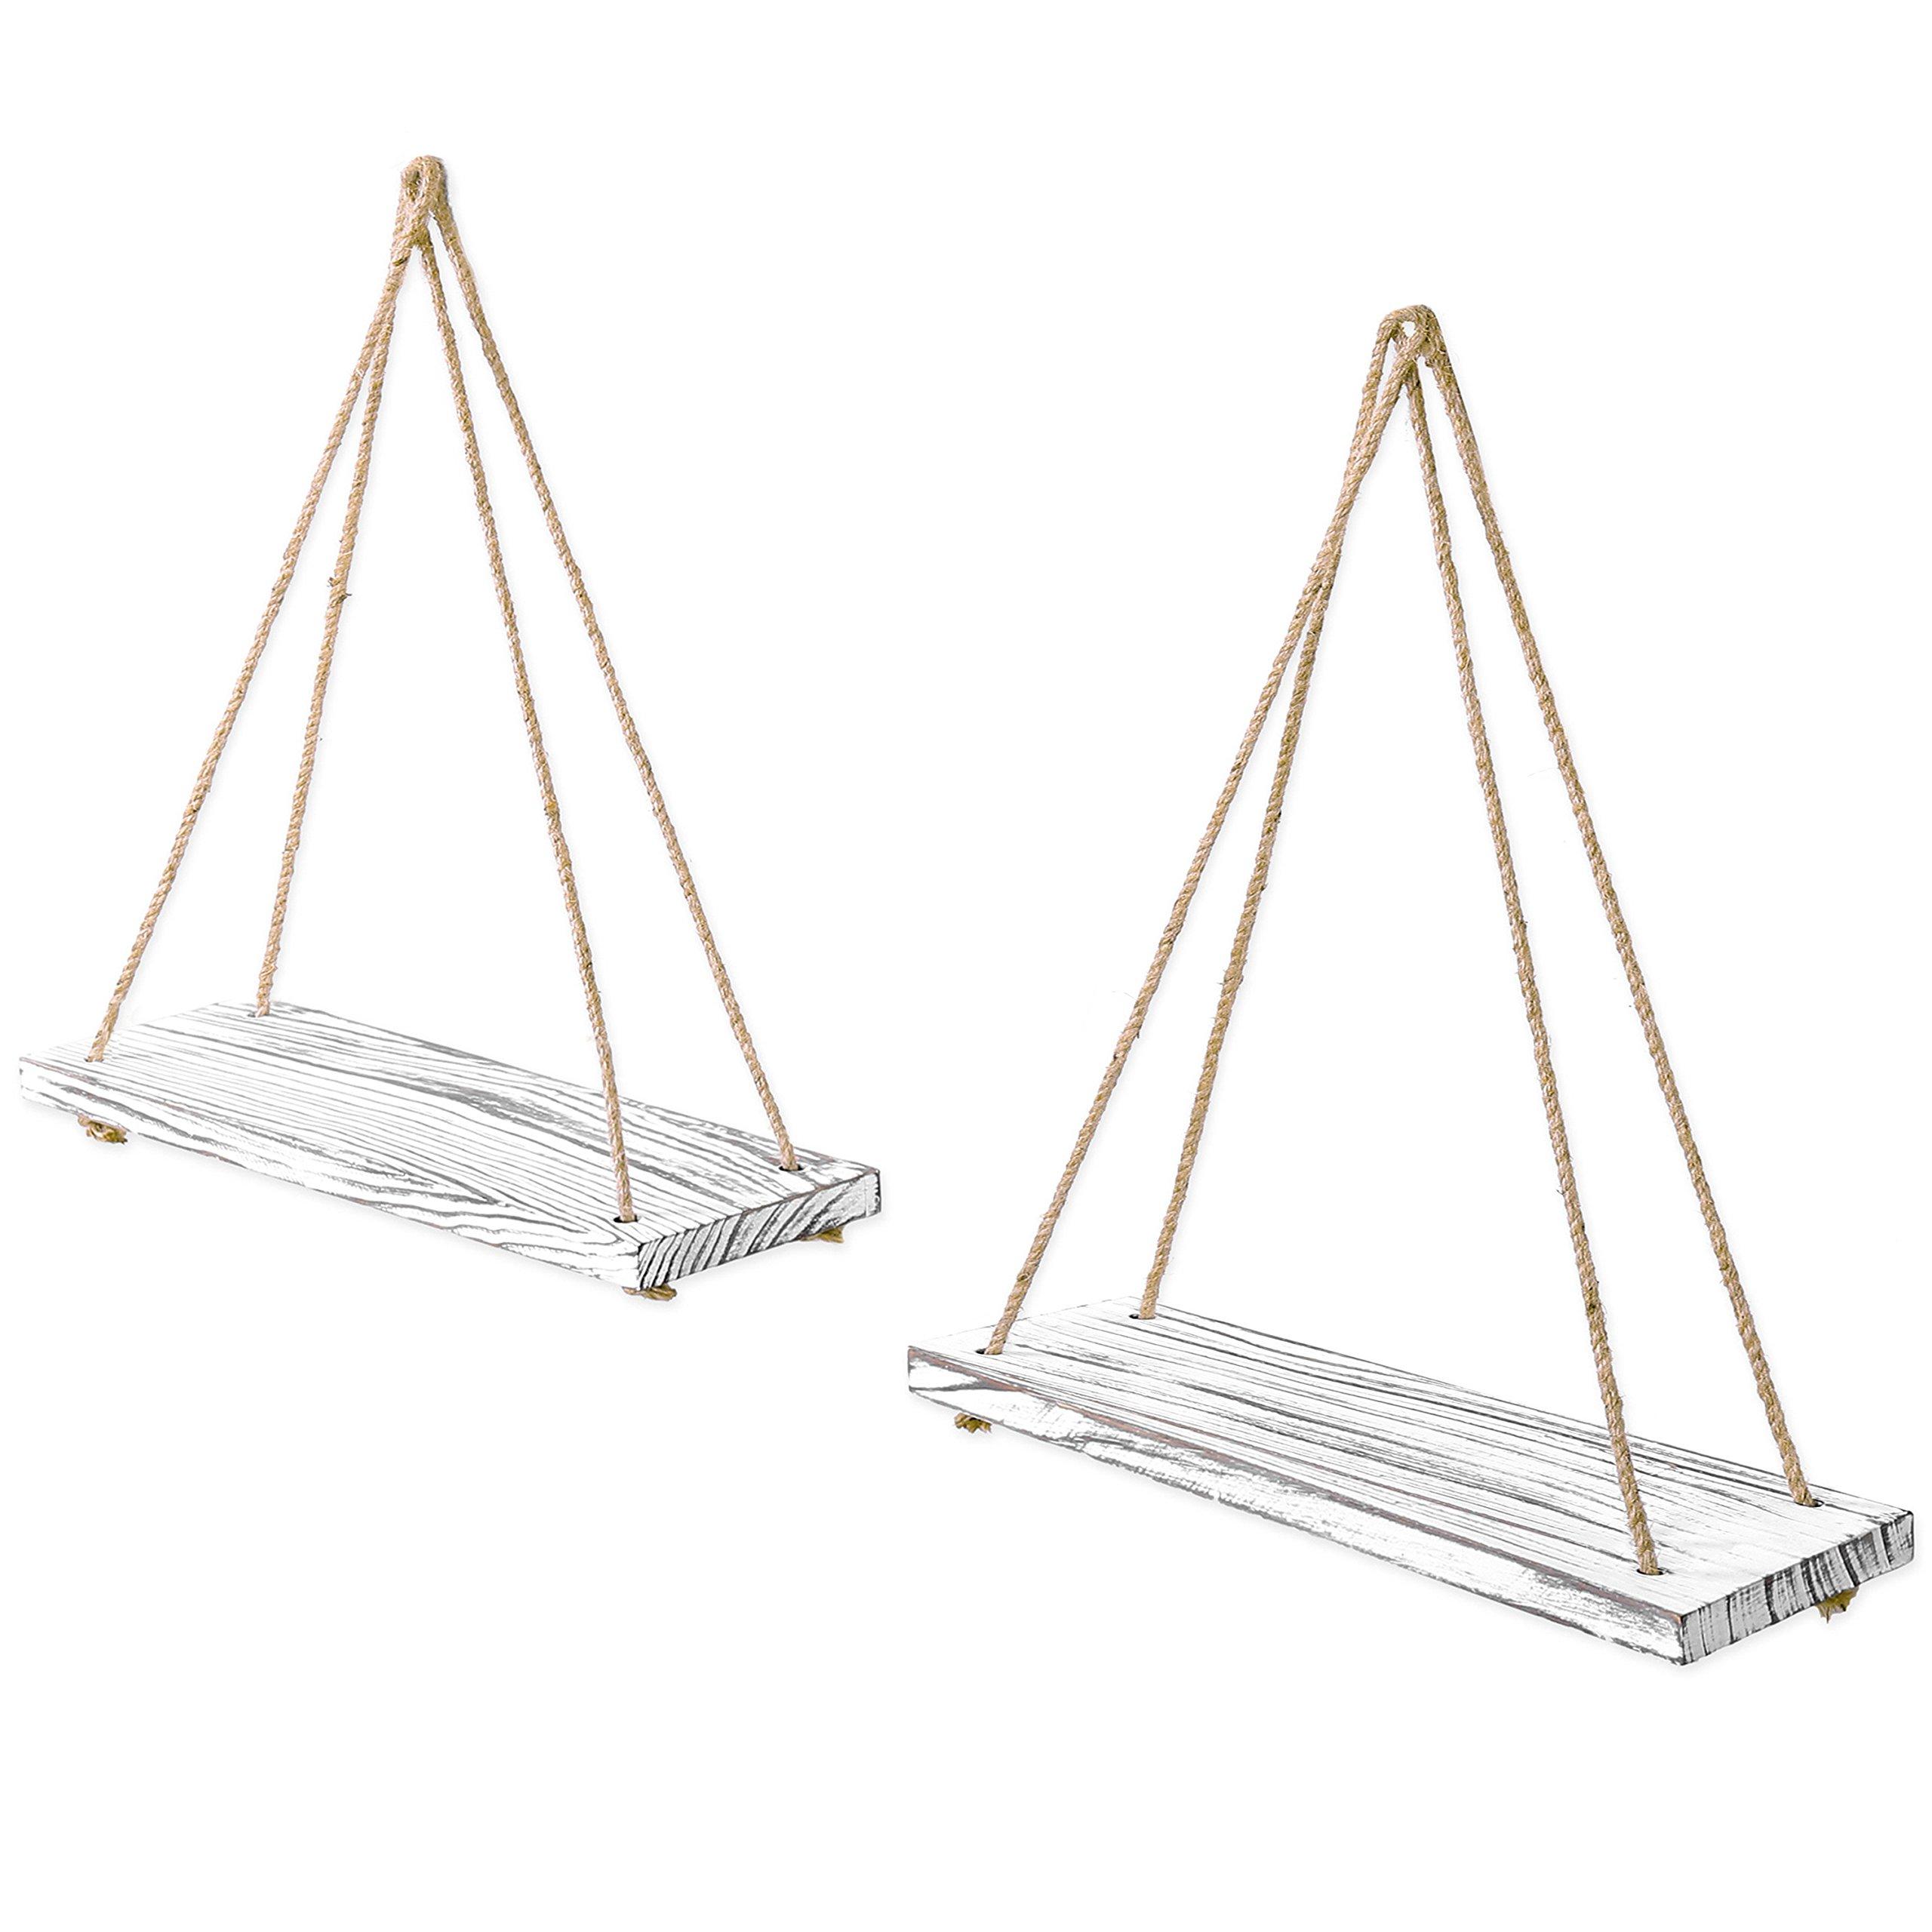 MyGift 17-inch Whitewashed Wood Hanging Rope Swing Shelves, Set of 2 by MyGift (Image #2)